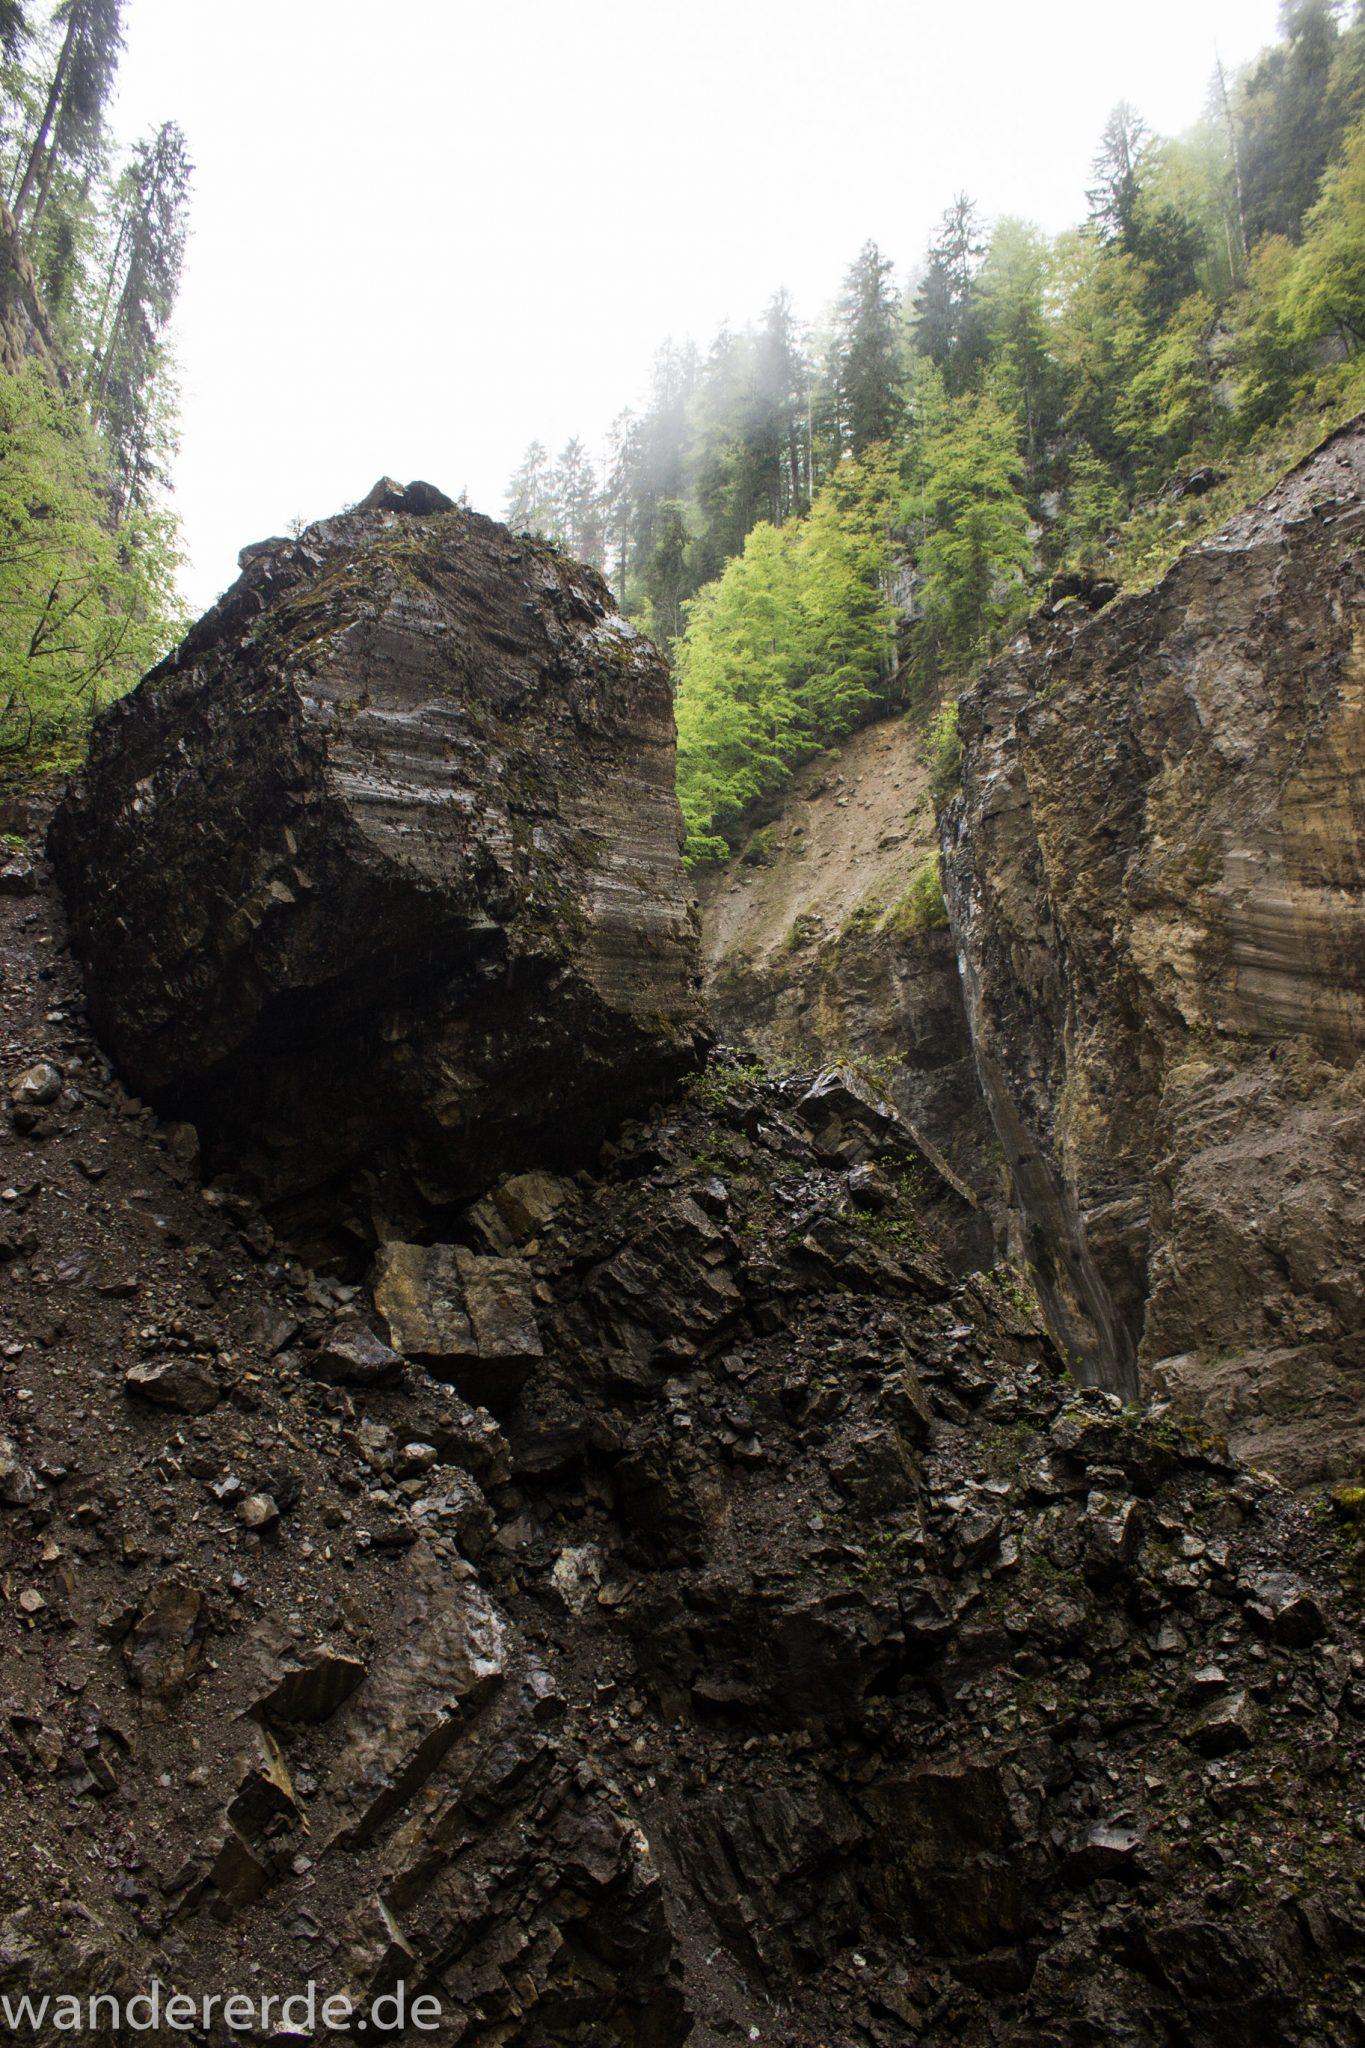 Wanderung durch die Breitachklamm im Allgäu, sehr hohe Felswände, tosende Breitach nach starkem Regen, Klamm umgeben von schönem Wald, Felsen im Fluss, Schneeschmelze im Allgäu, Wanderweg durch die Klamm, Erdrutsch in der Breitachklamm